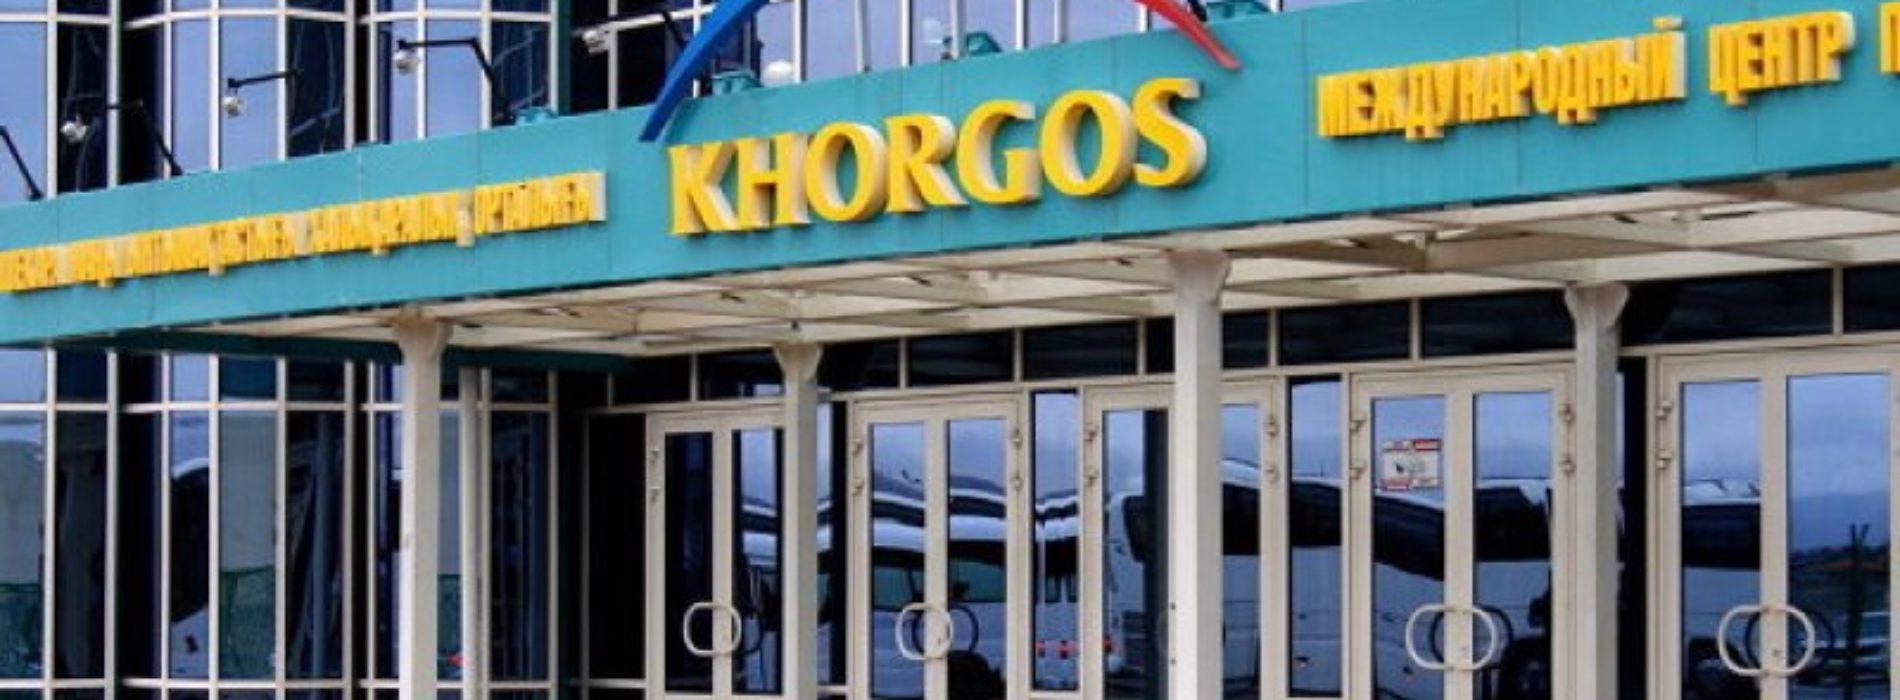 Серые схемы хоргоских челночников или как незаконно завозится товар в Казахстан